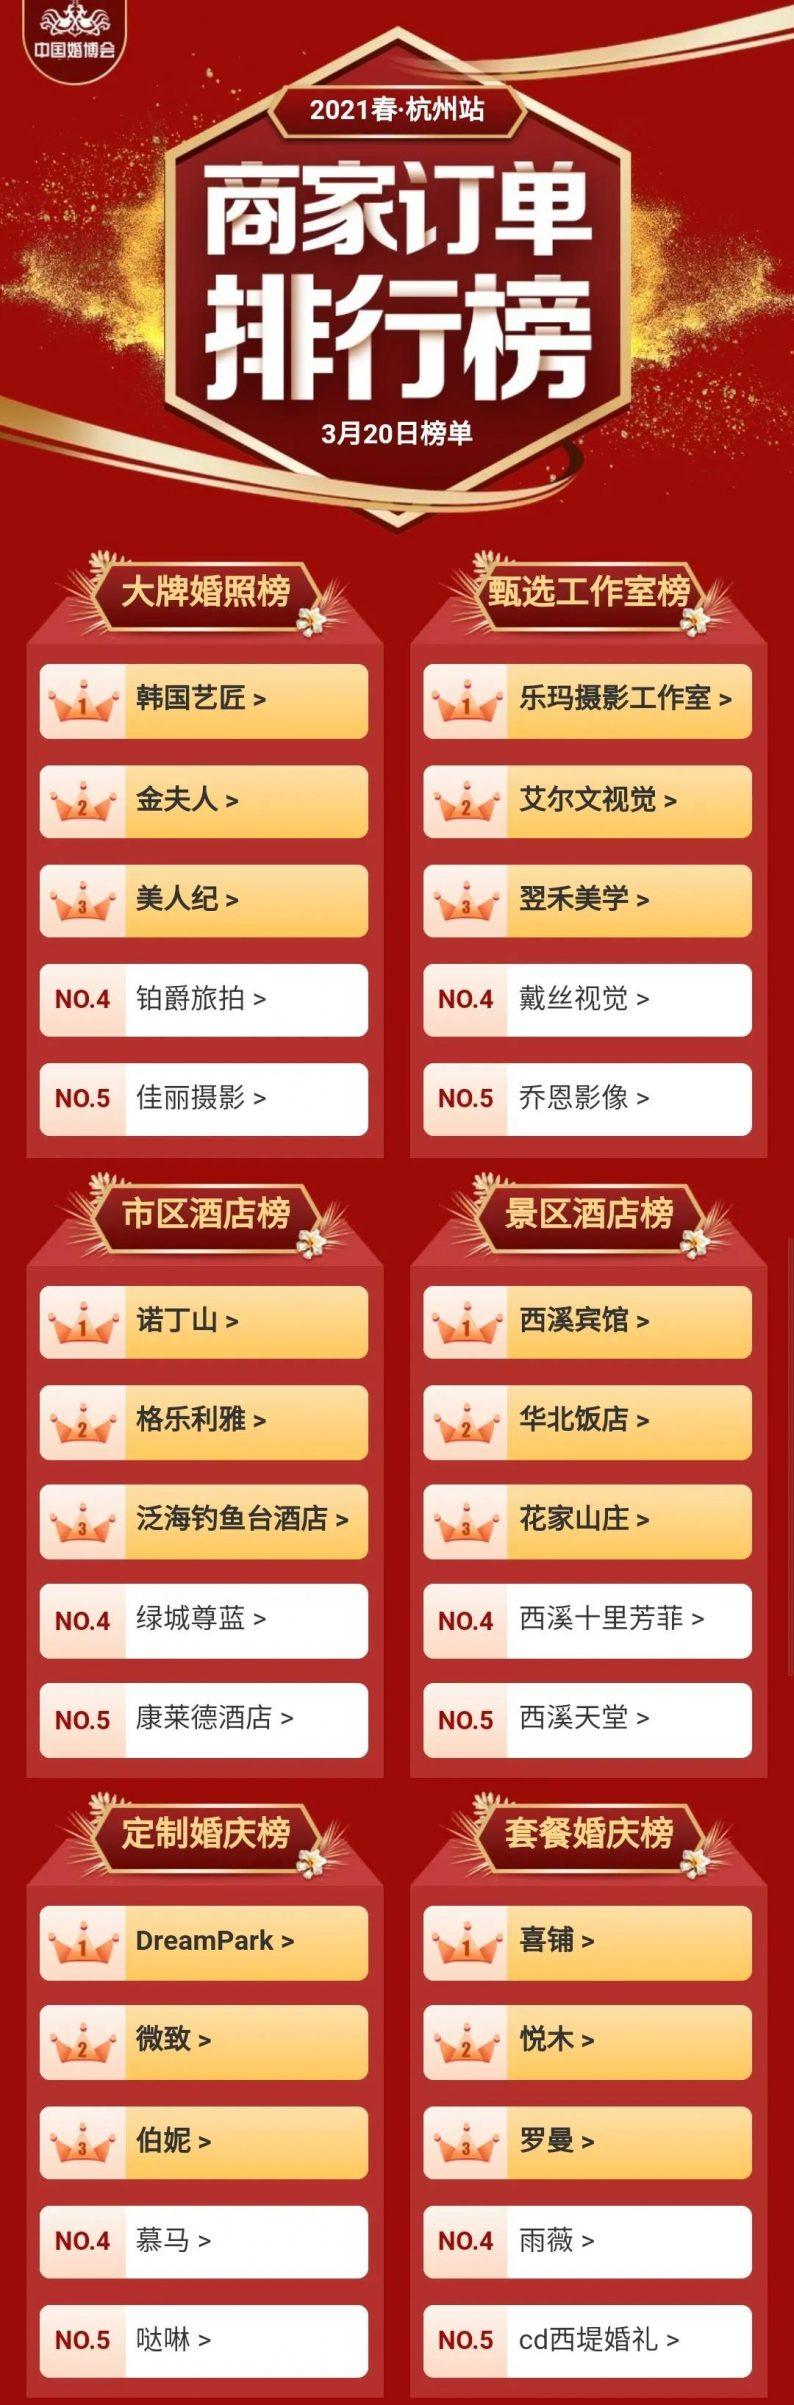 中国婚博会商家订单排行榜(2021春季杭州&武汉)  第2张